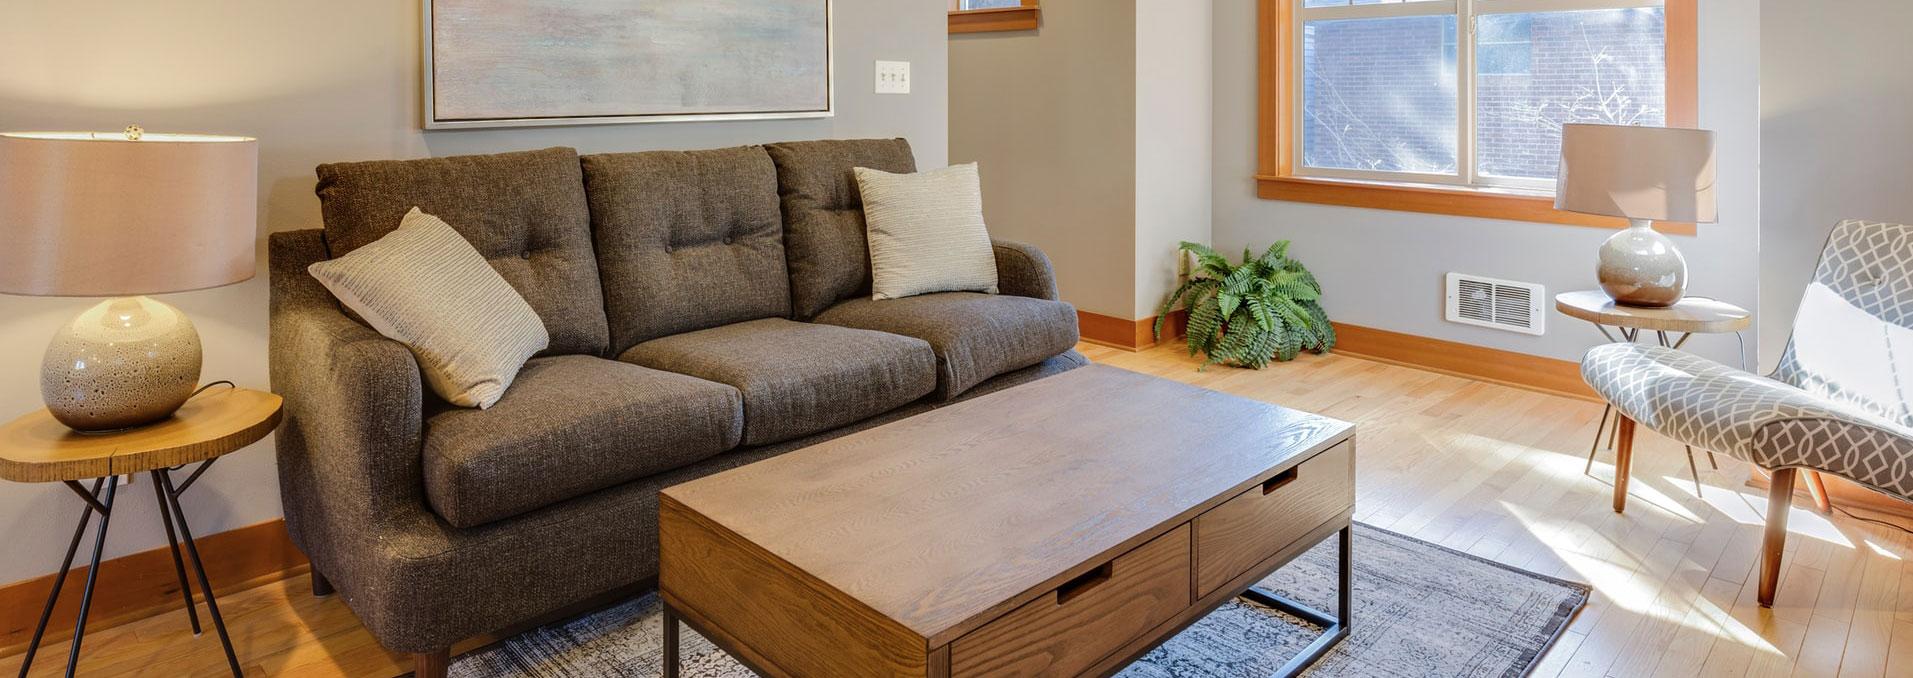 3 Tische für das Wohnzimmer